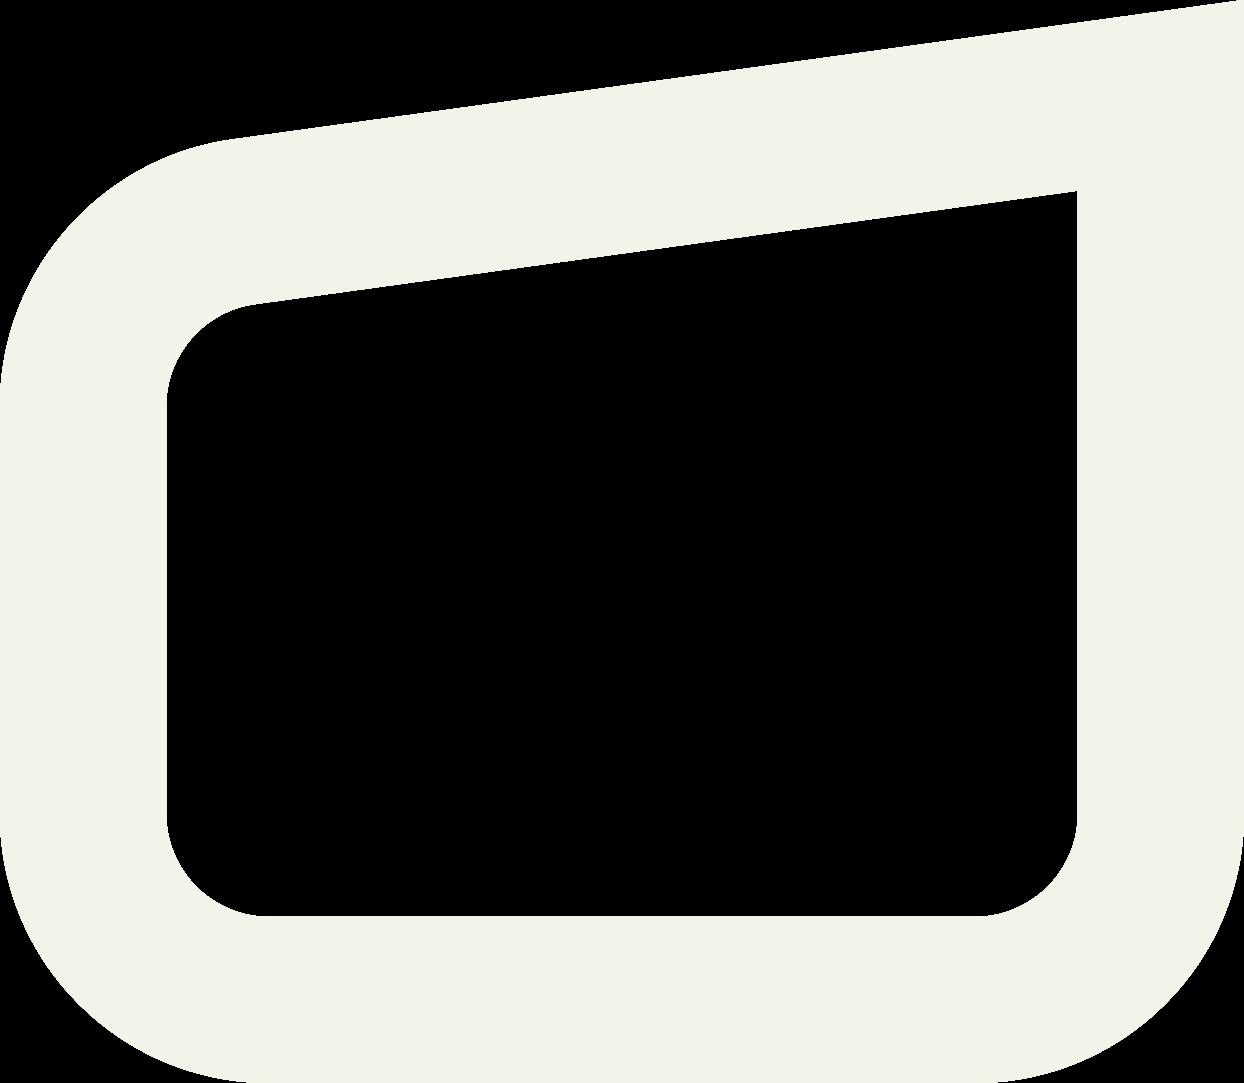 ベクトルスマートオブジェクト (2)